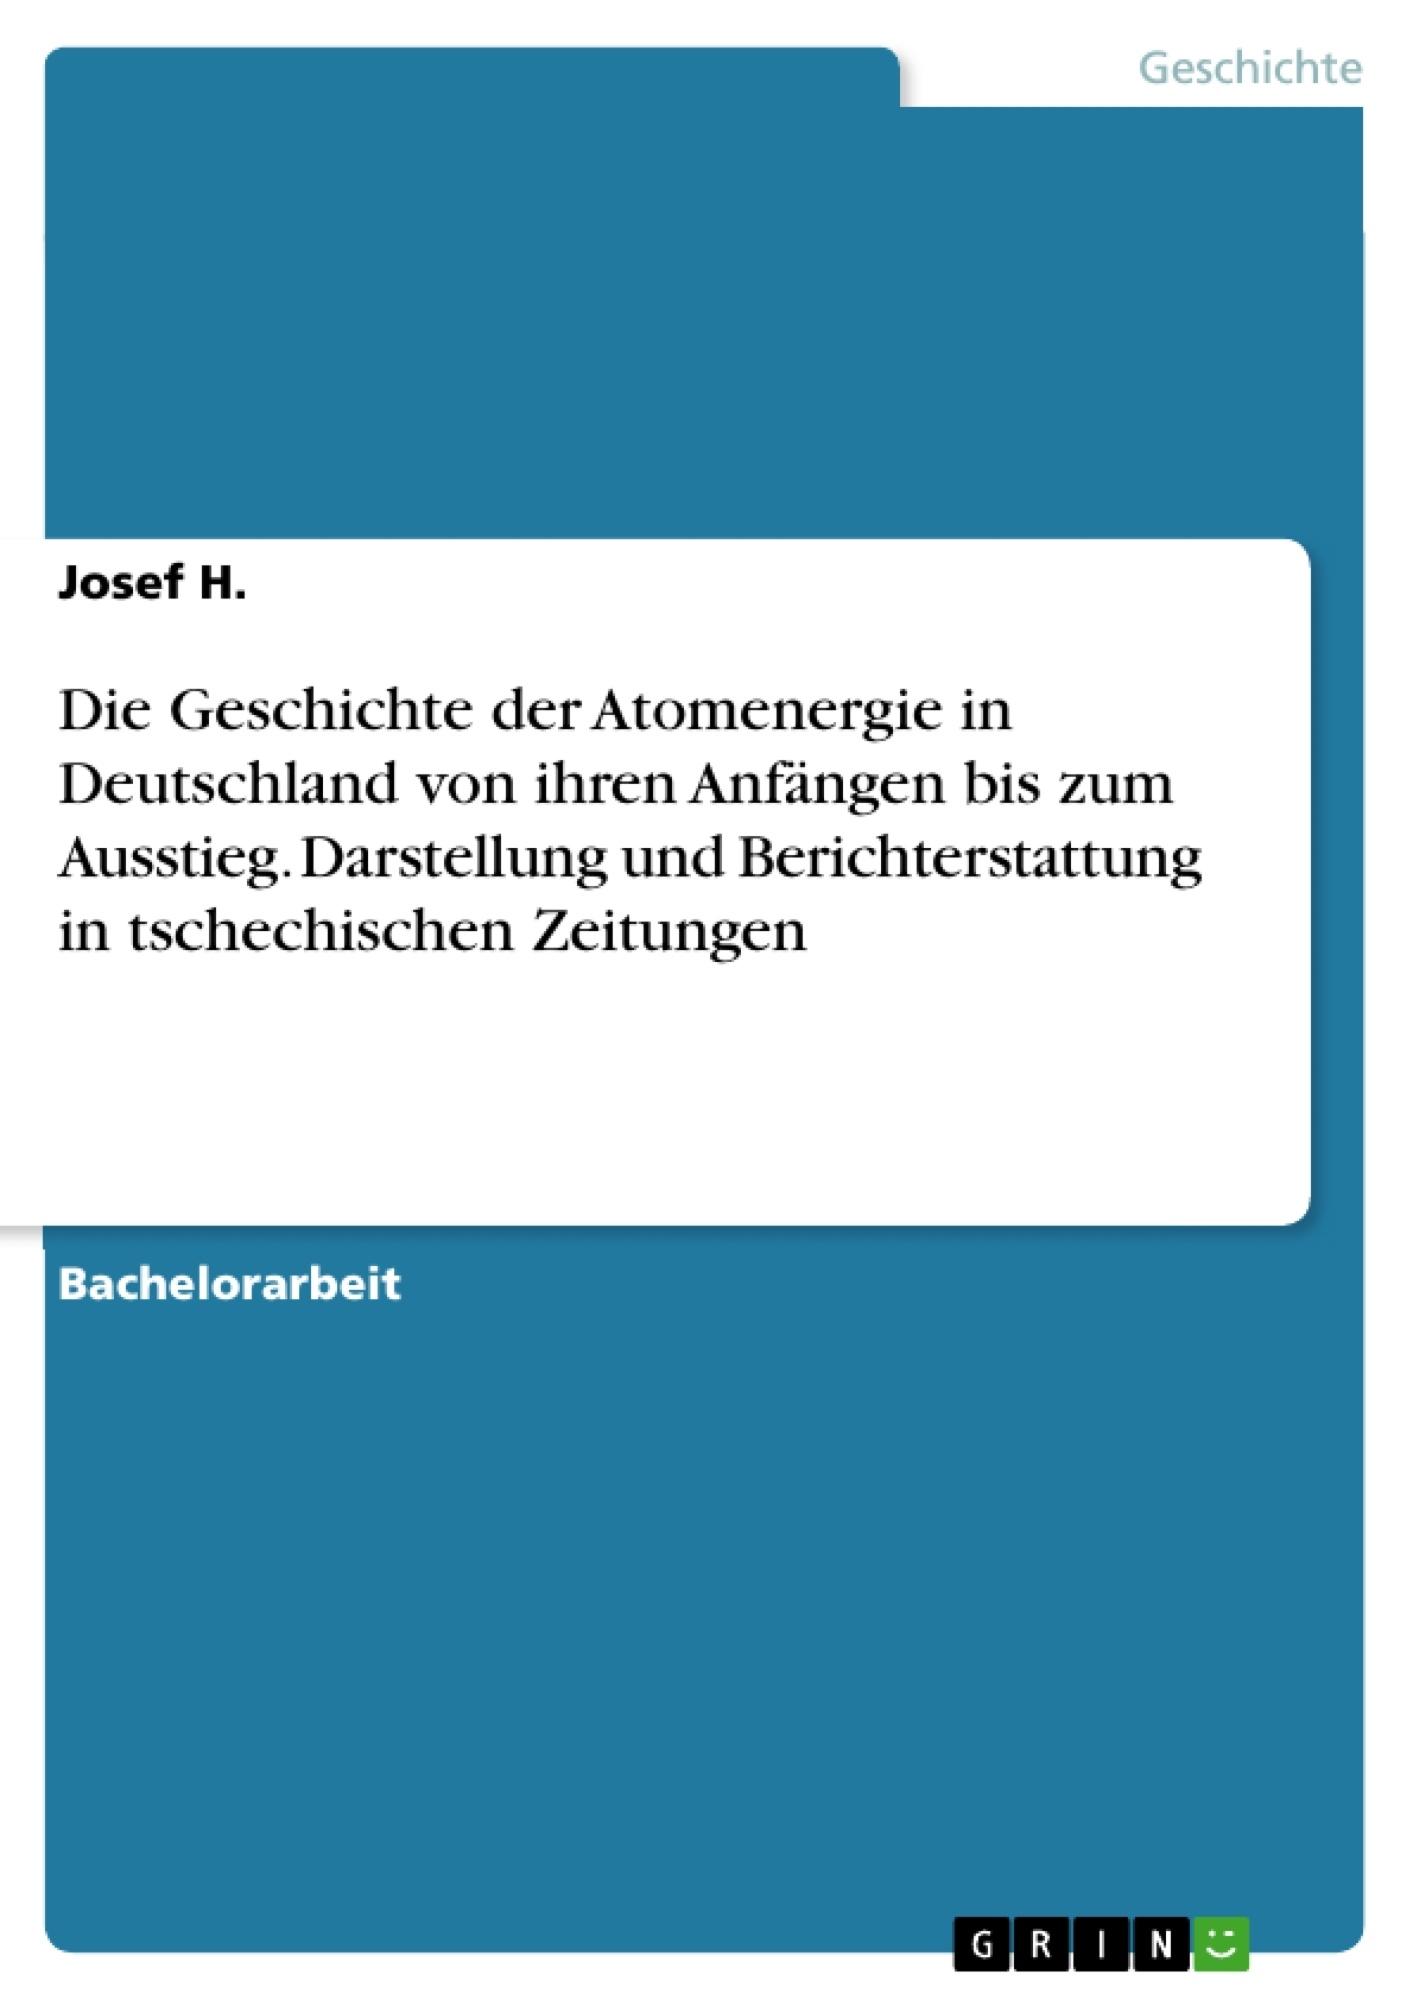 Titel: Die Geschichte der Atomenergie in Deutschland von ihren Anfängen bis zum Ausstieg. Darstellung und Berichterstattung in tschechischen Zeitungen